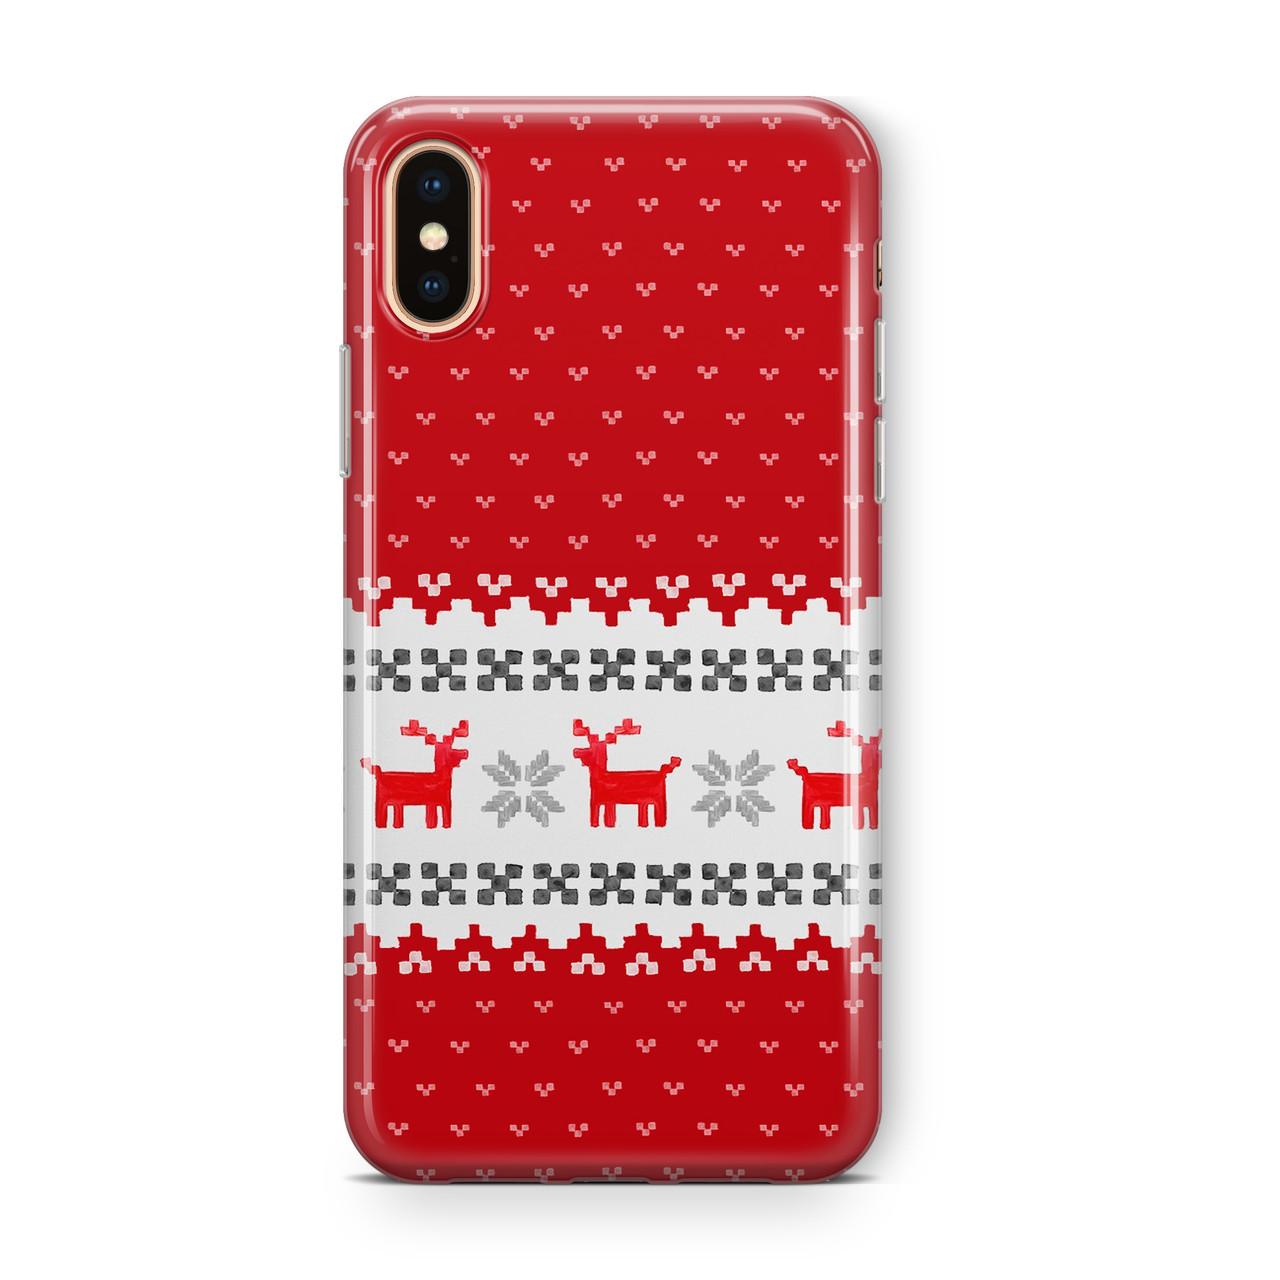 Дизайнерский пластиковый новогодний чехол для iPhone X/ XS /Xr /XS Max, с красной вышивкой оленей